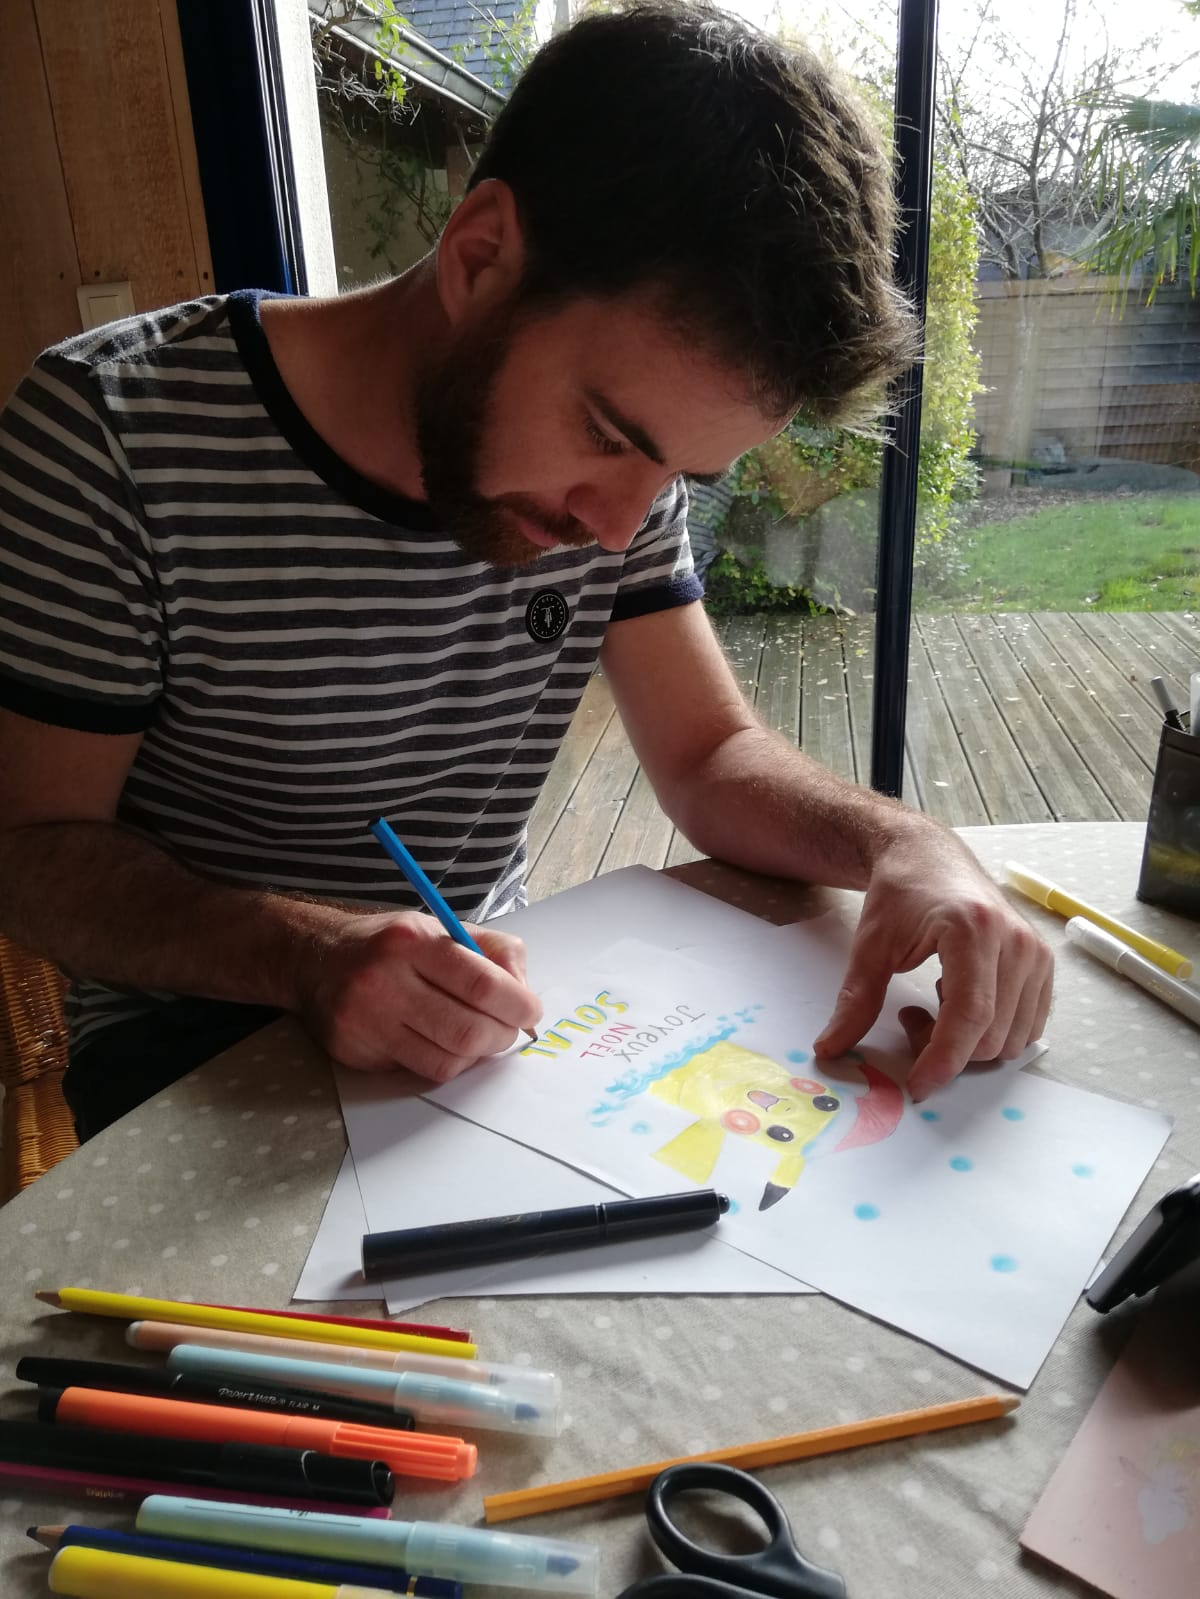 Directeur artistique - graphiste illustrateur Angers